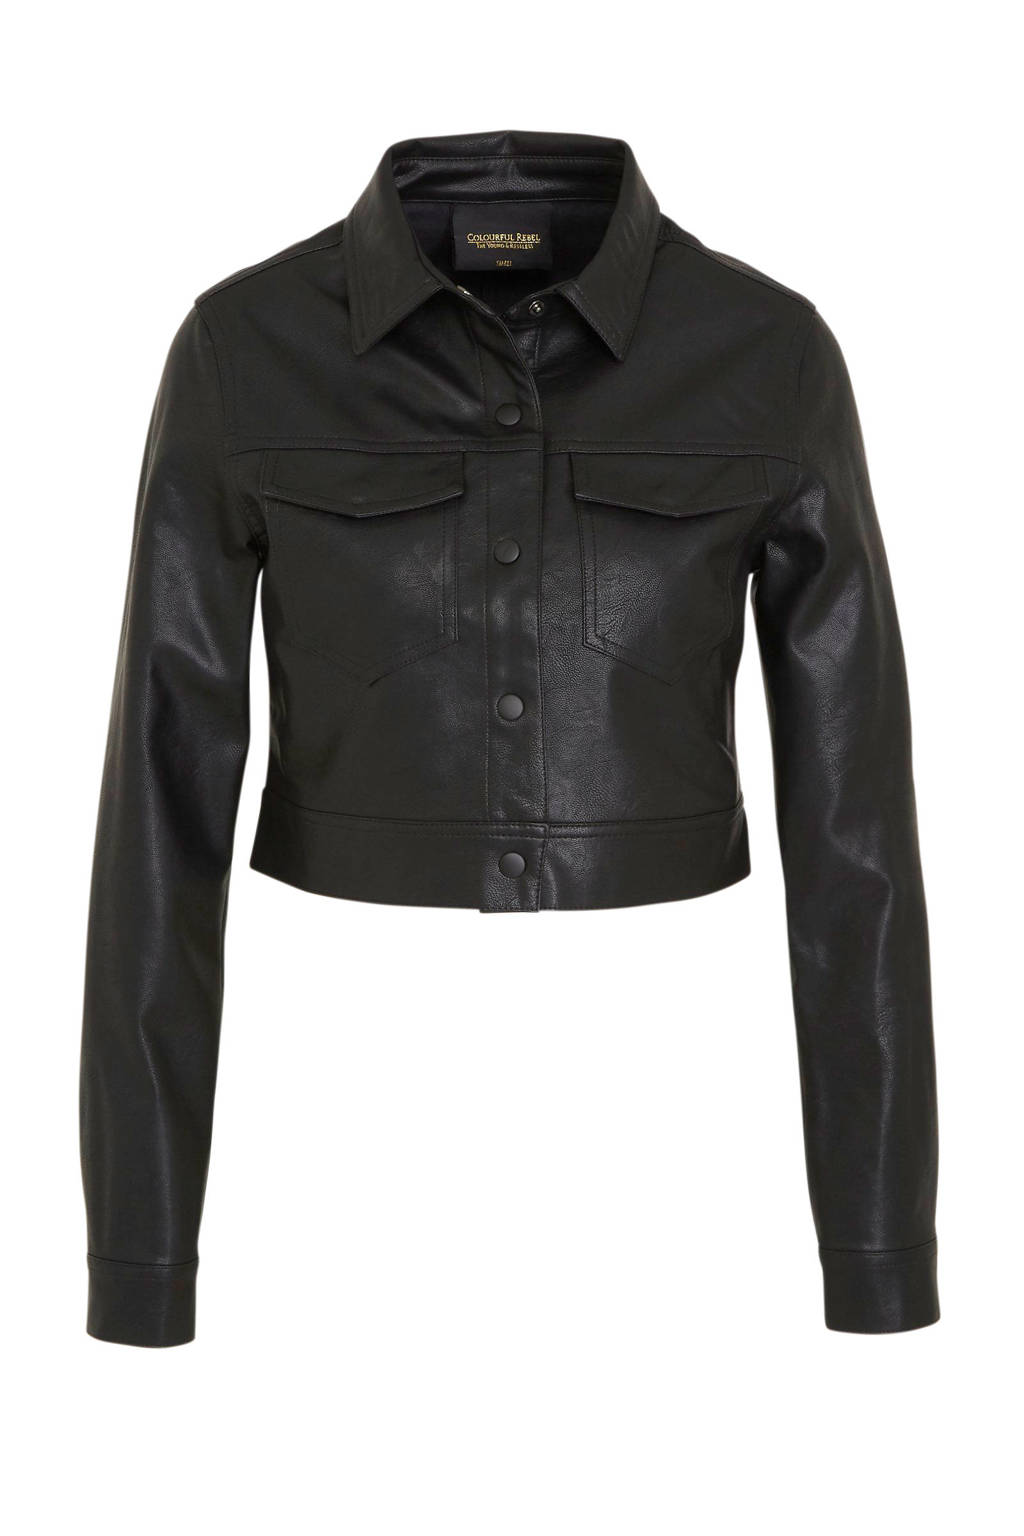 Colourful Rebel imitatieleren jasje Paris zwart, Zwart